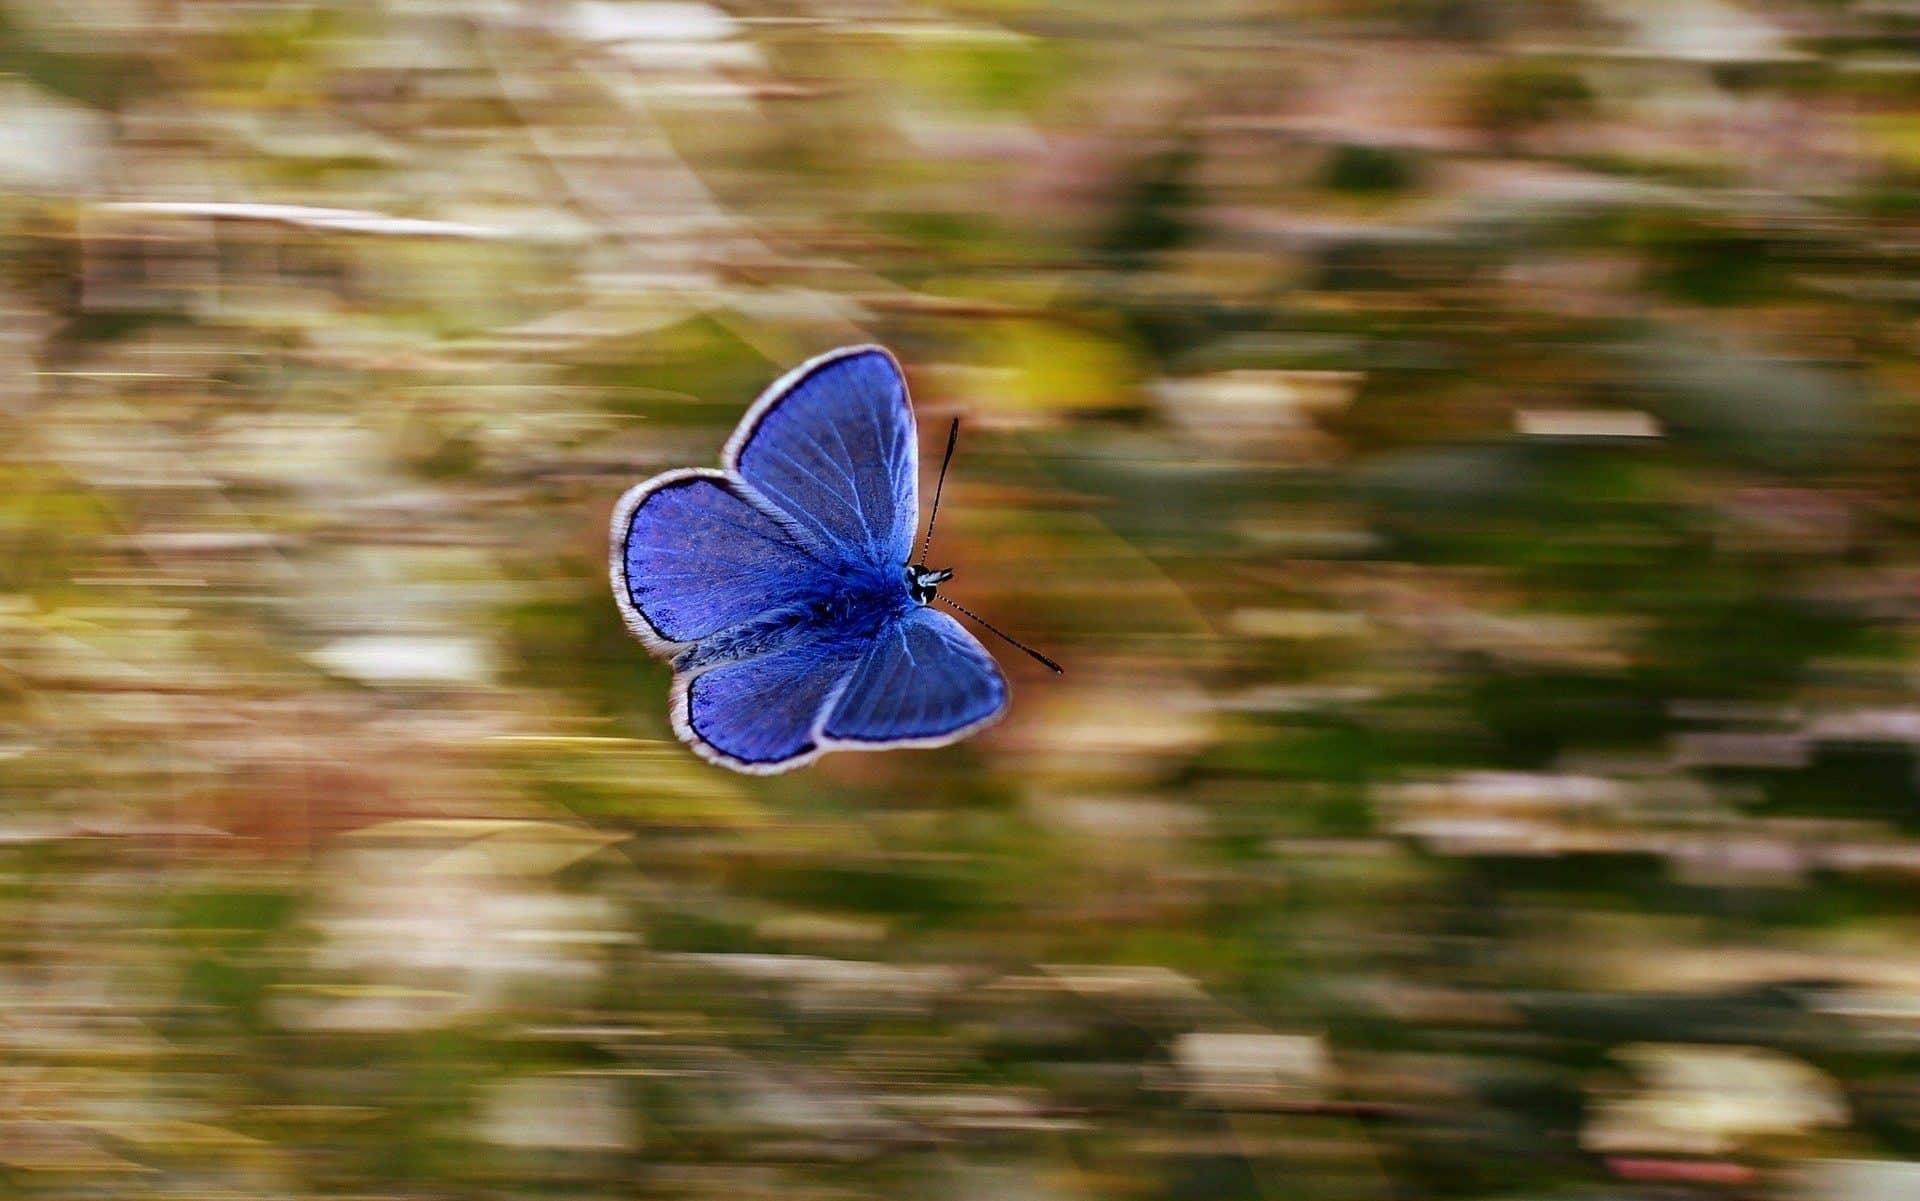 Uma borboleta-azul voando, com um fundo desfocado em movimento.